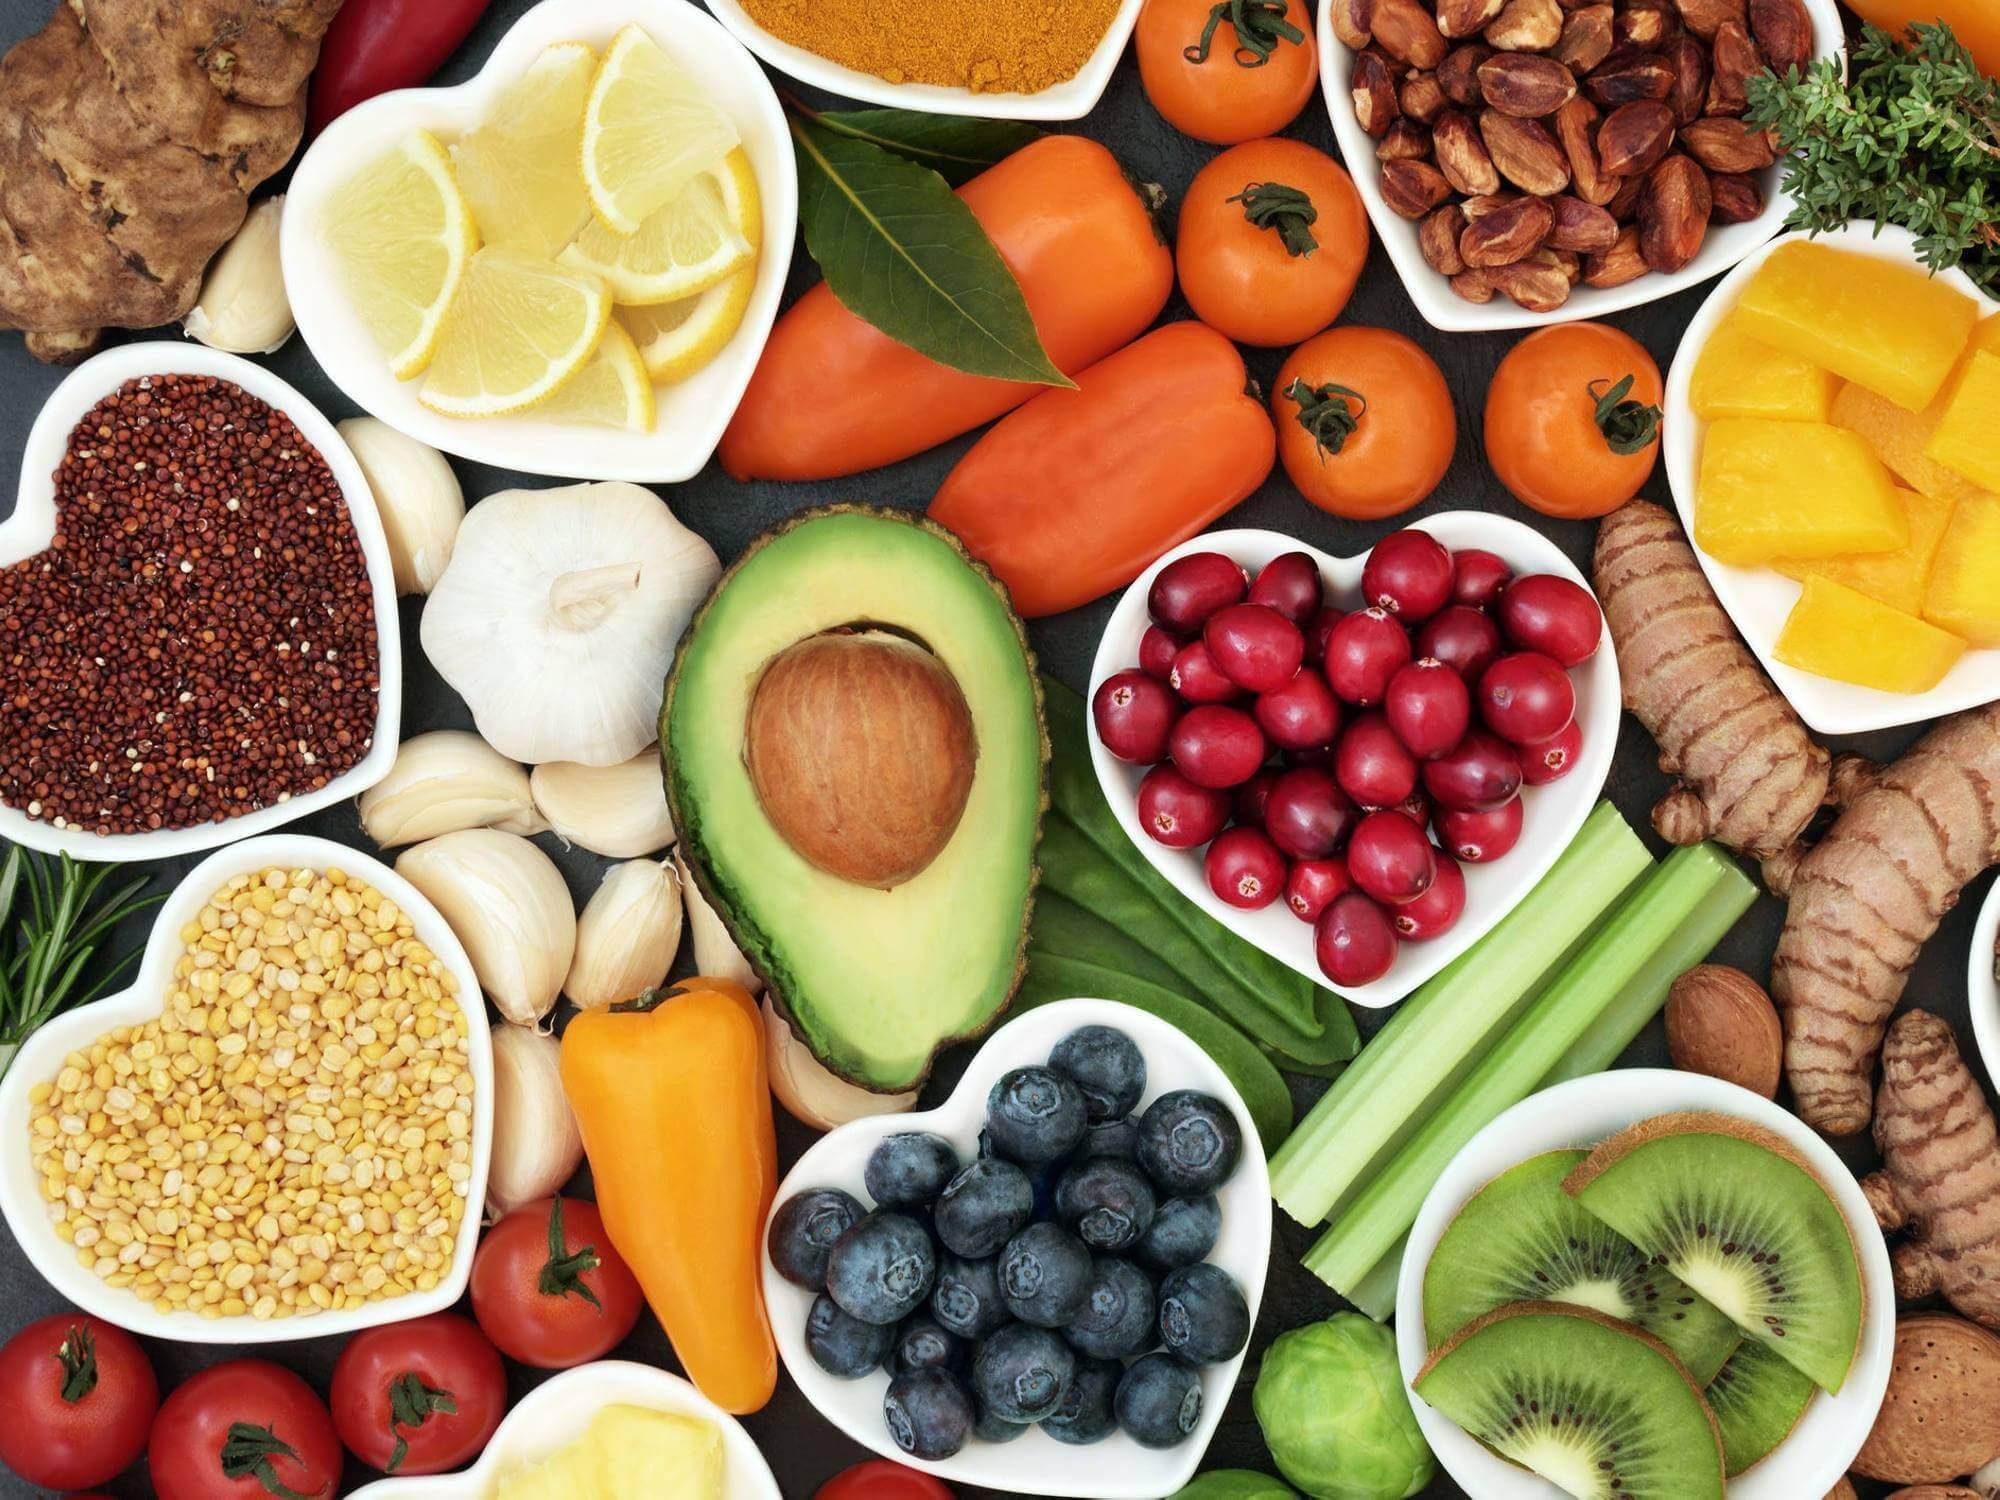 Галка рекомендує: яка їжа швидко піднімає настрій